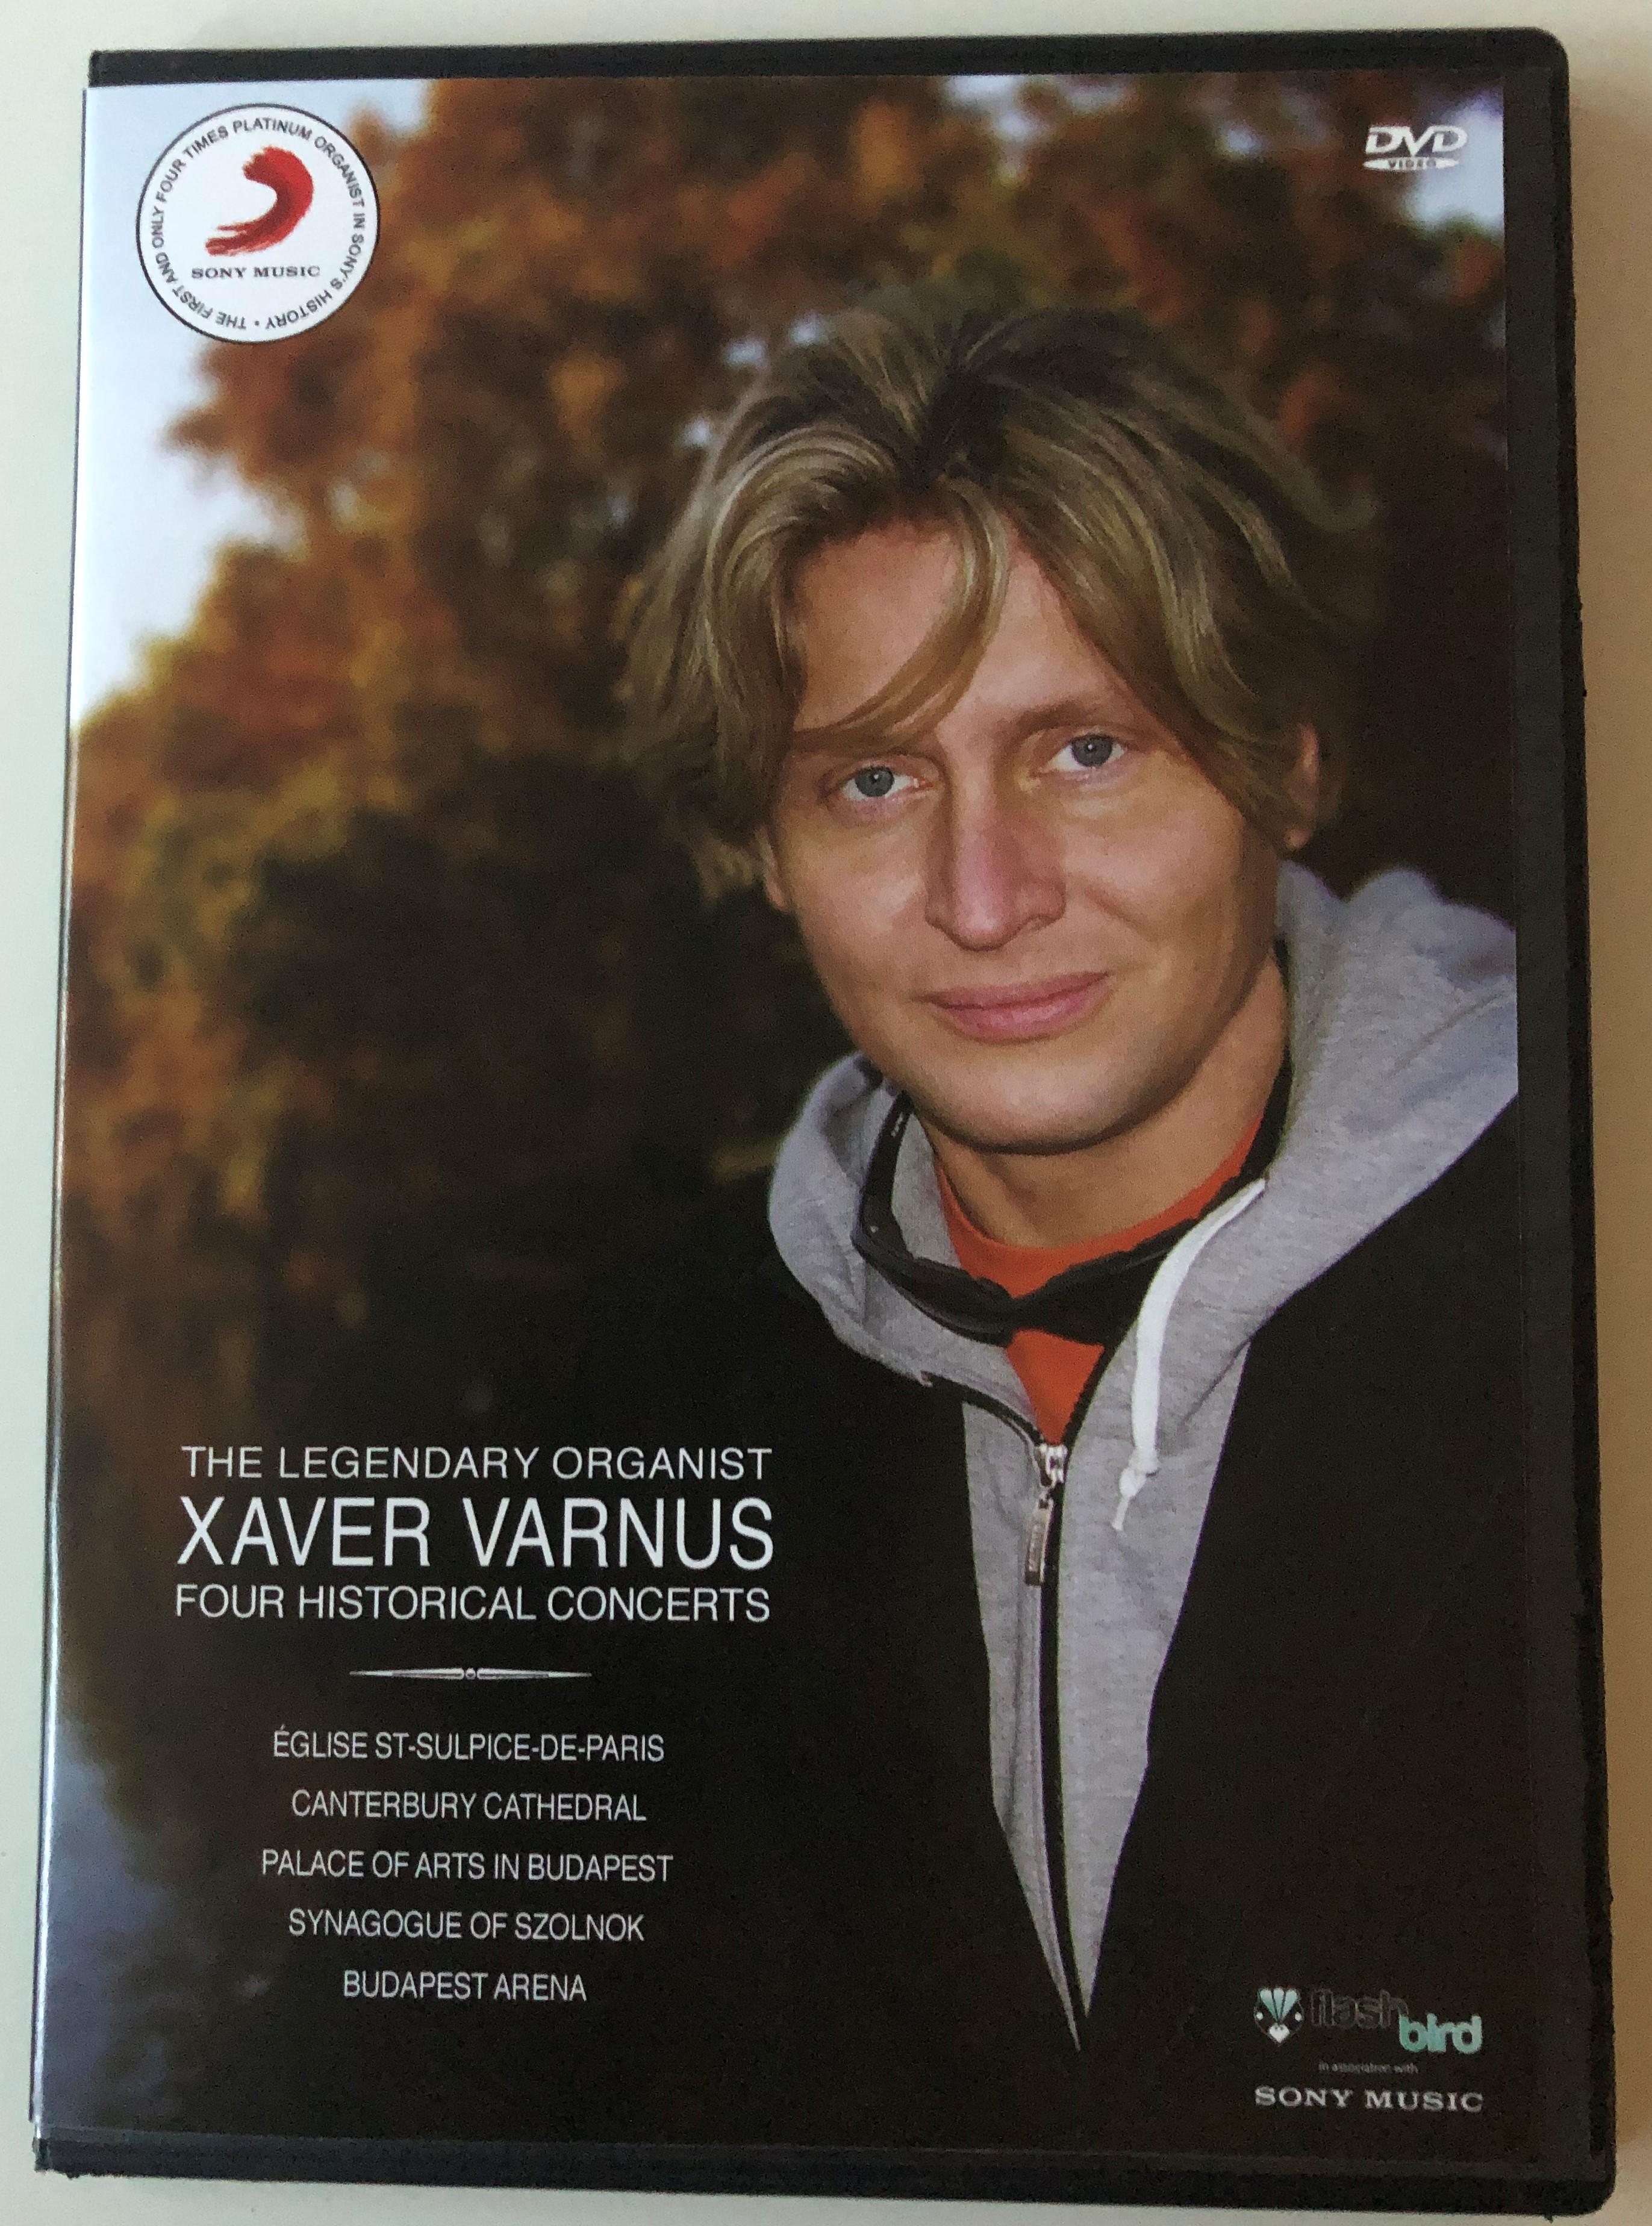 varnus-xaver-4-concerts-1-.jpg